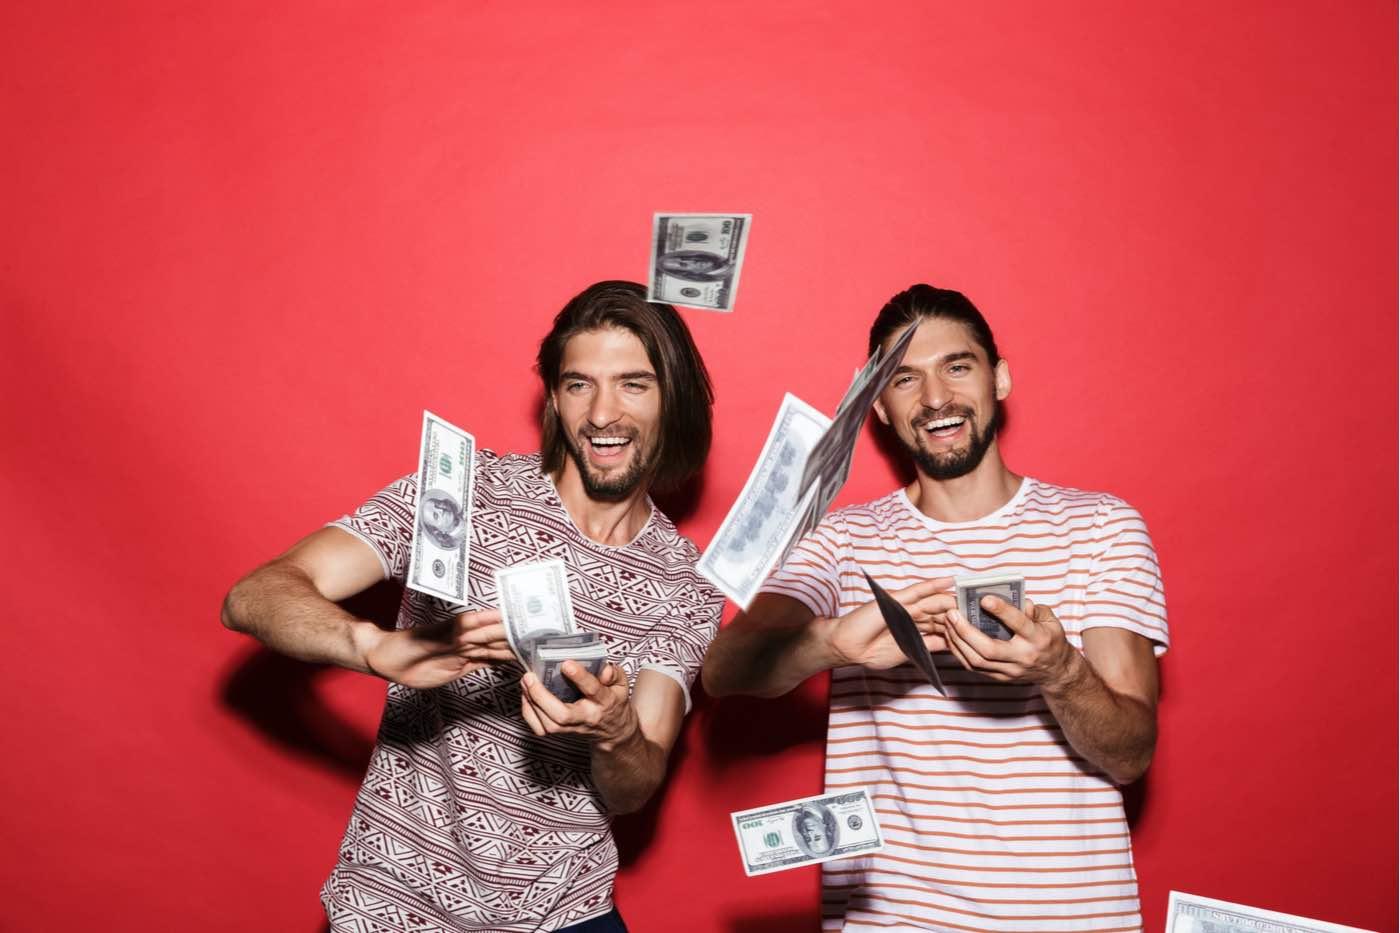 Dos amigos apuestan por la lotería y se hacen millonarios tras ganar 3.000.000 de dólares